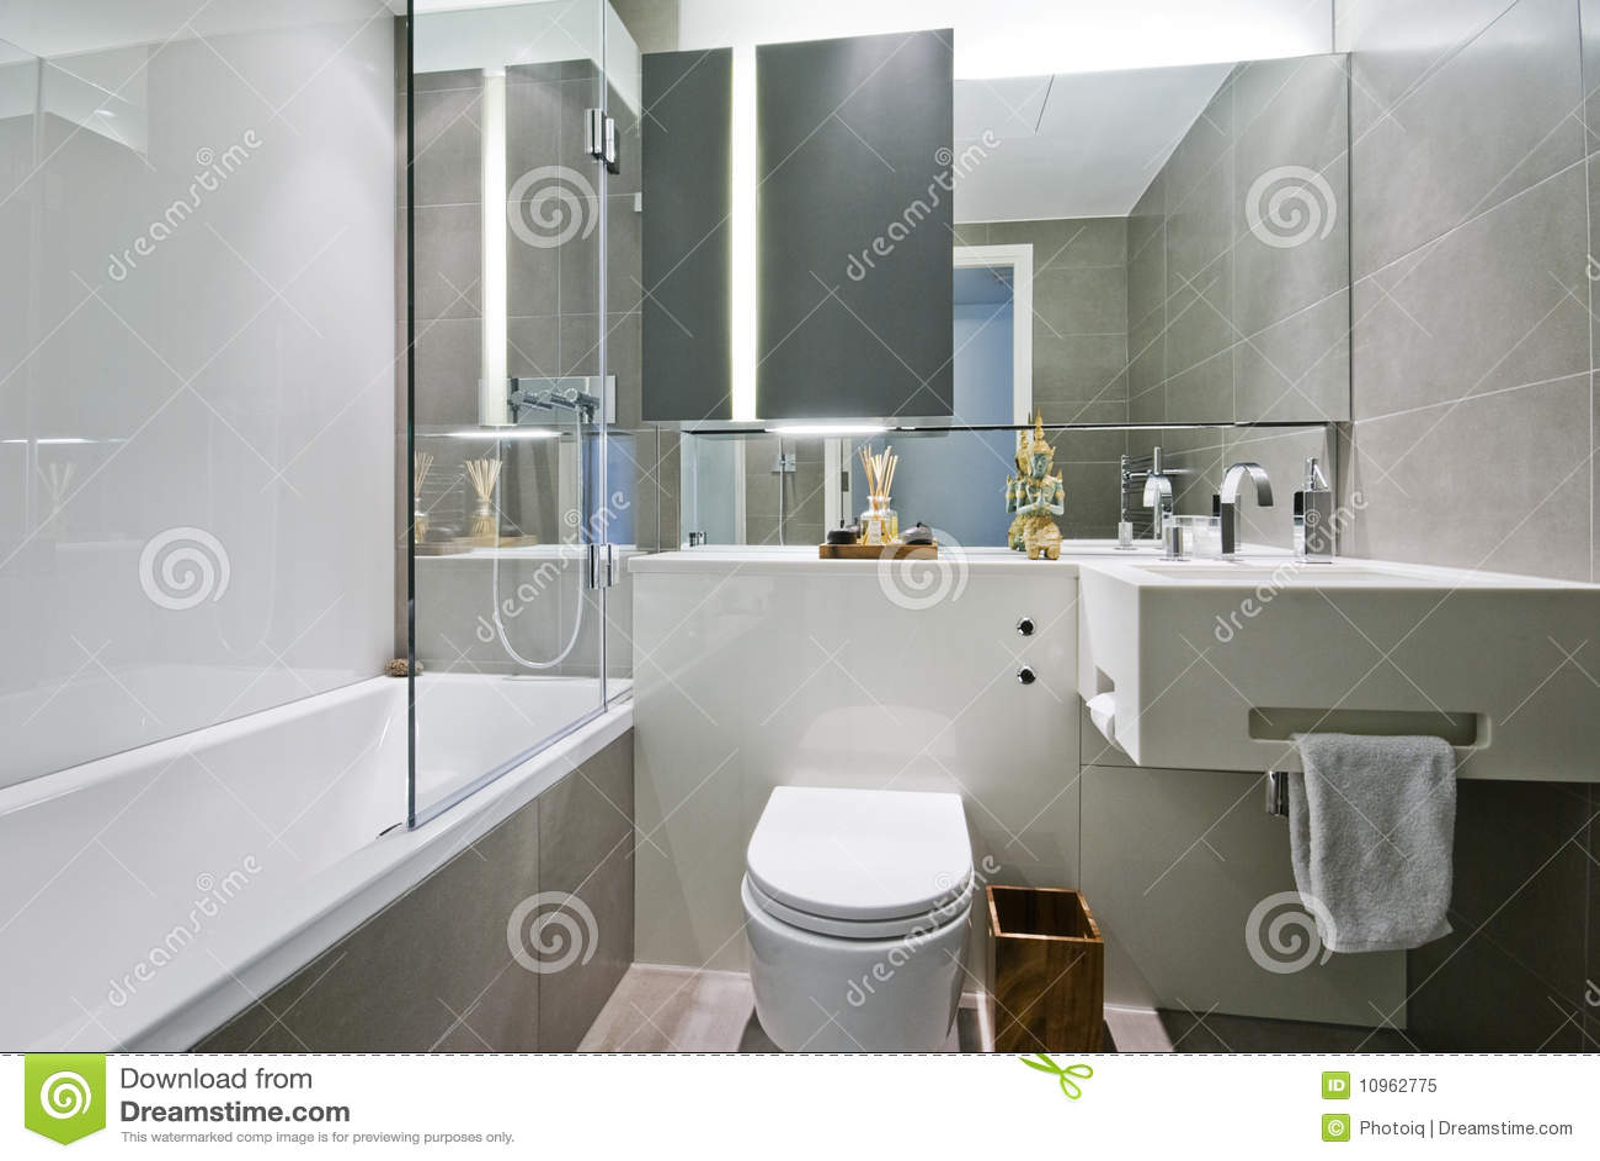 De badkamers van de luxe met indische decoratie stock afbeelding afbeelding 10962775 - Decoratie douche badkamer ...